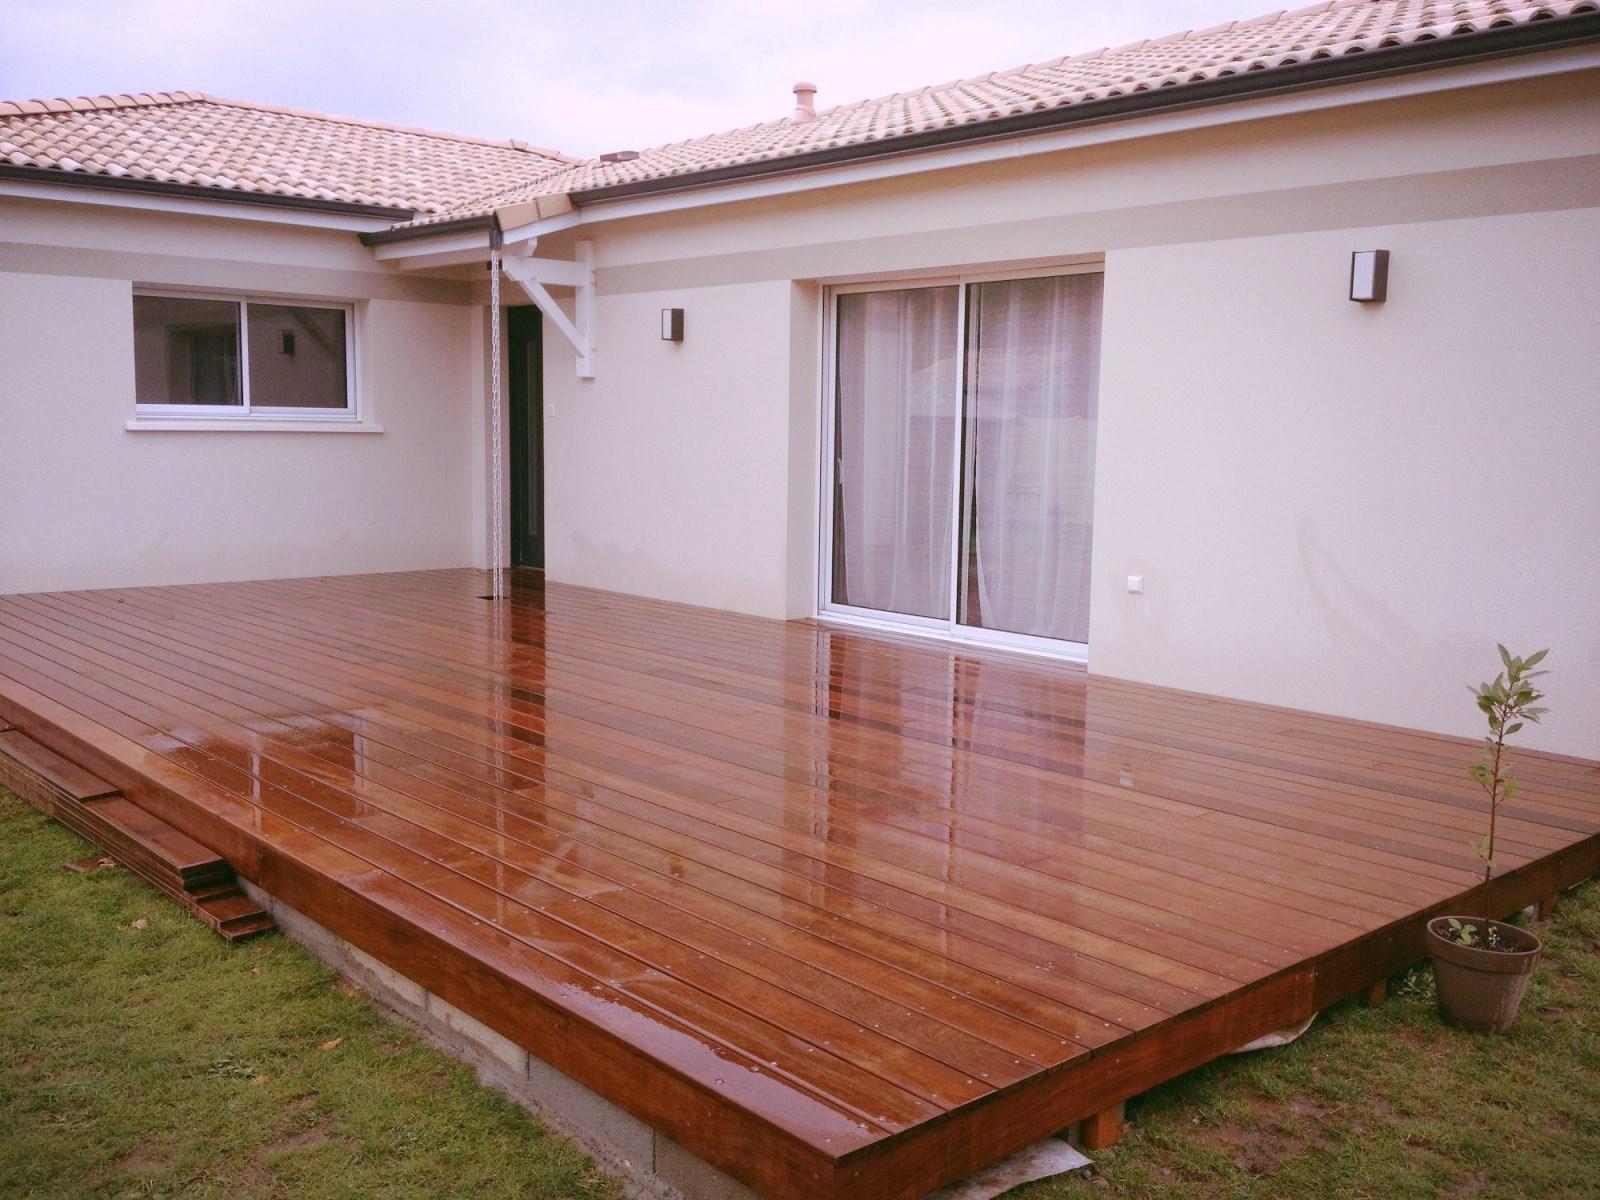 paysagiste pour r alisation de terrasse en bois dans le m doc et bordeaux 33 am nagement de. Black Bedroom Furniture Sets. Home Design Ideas